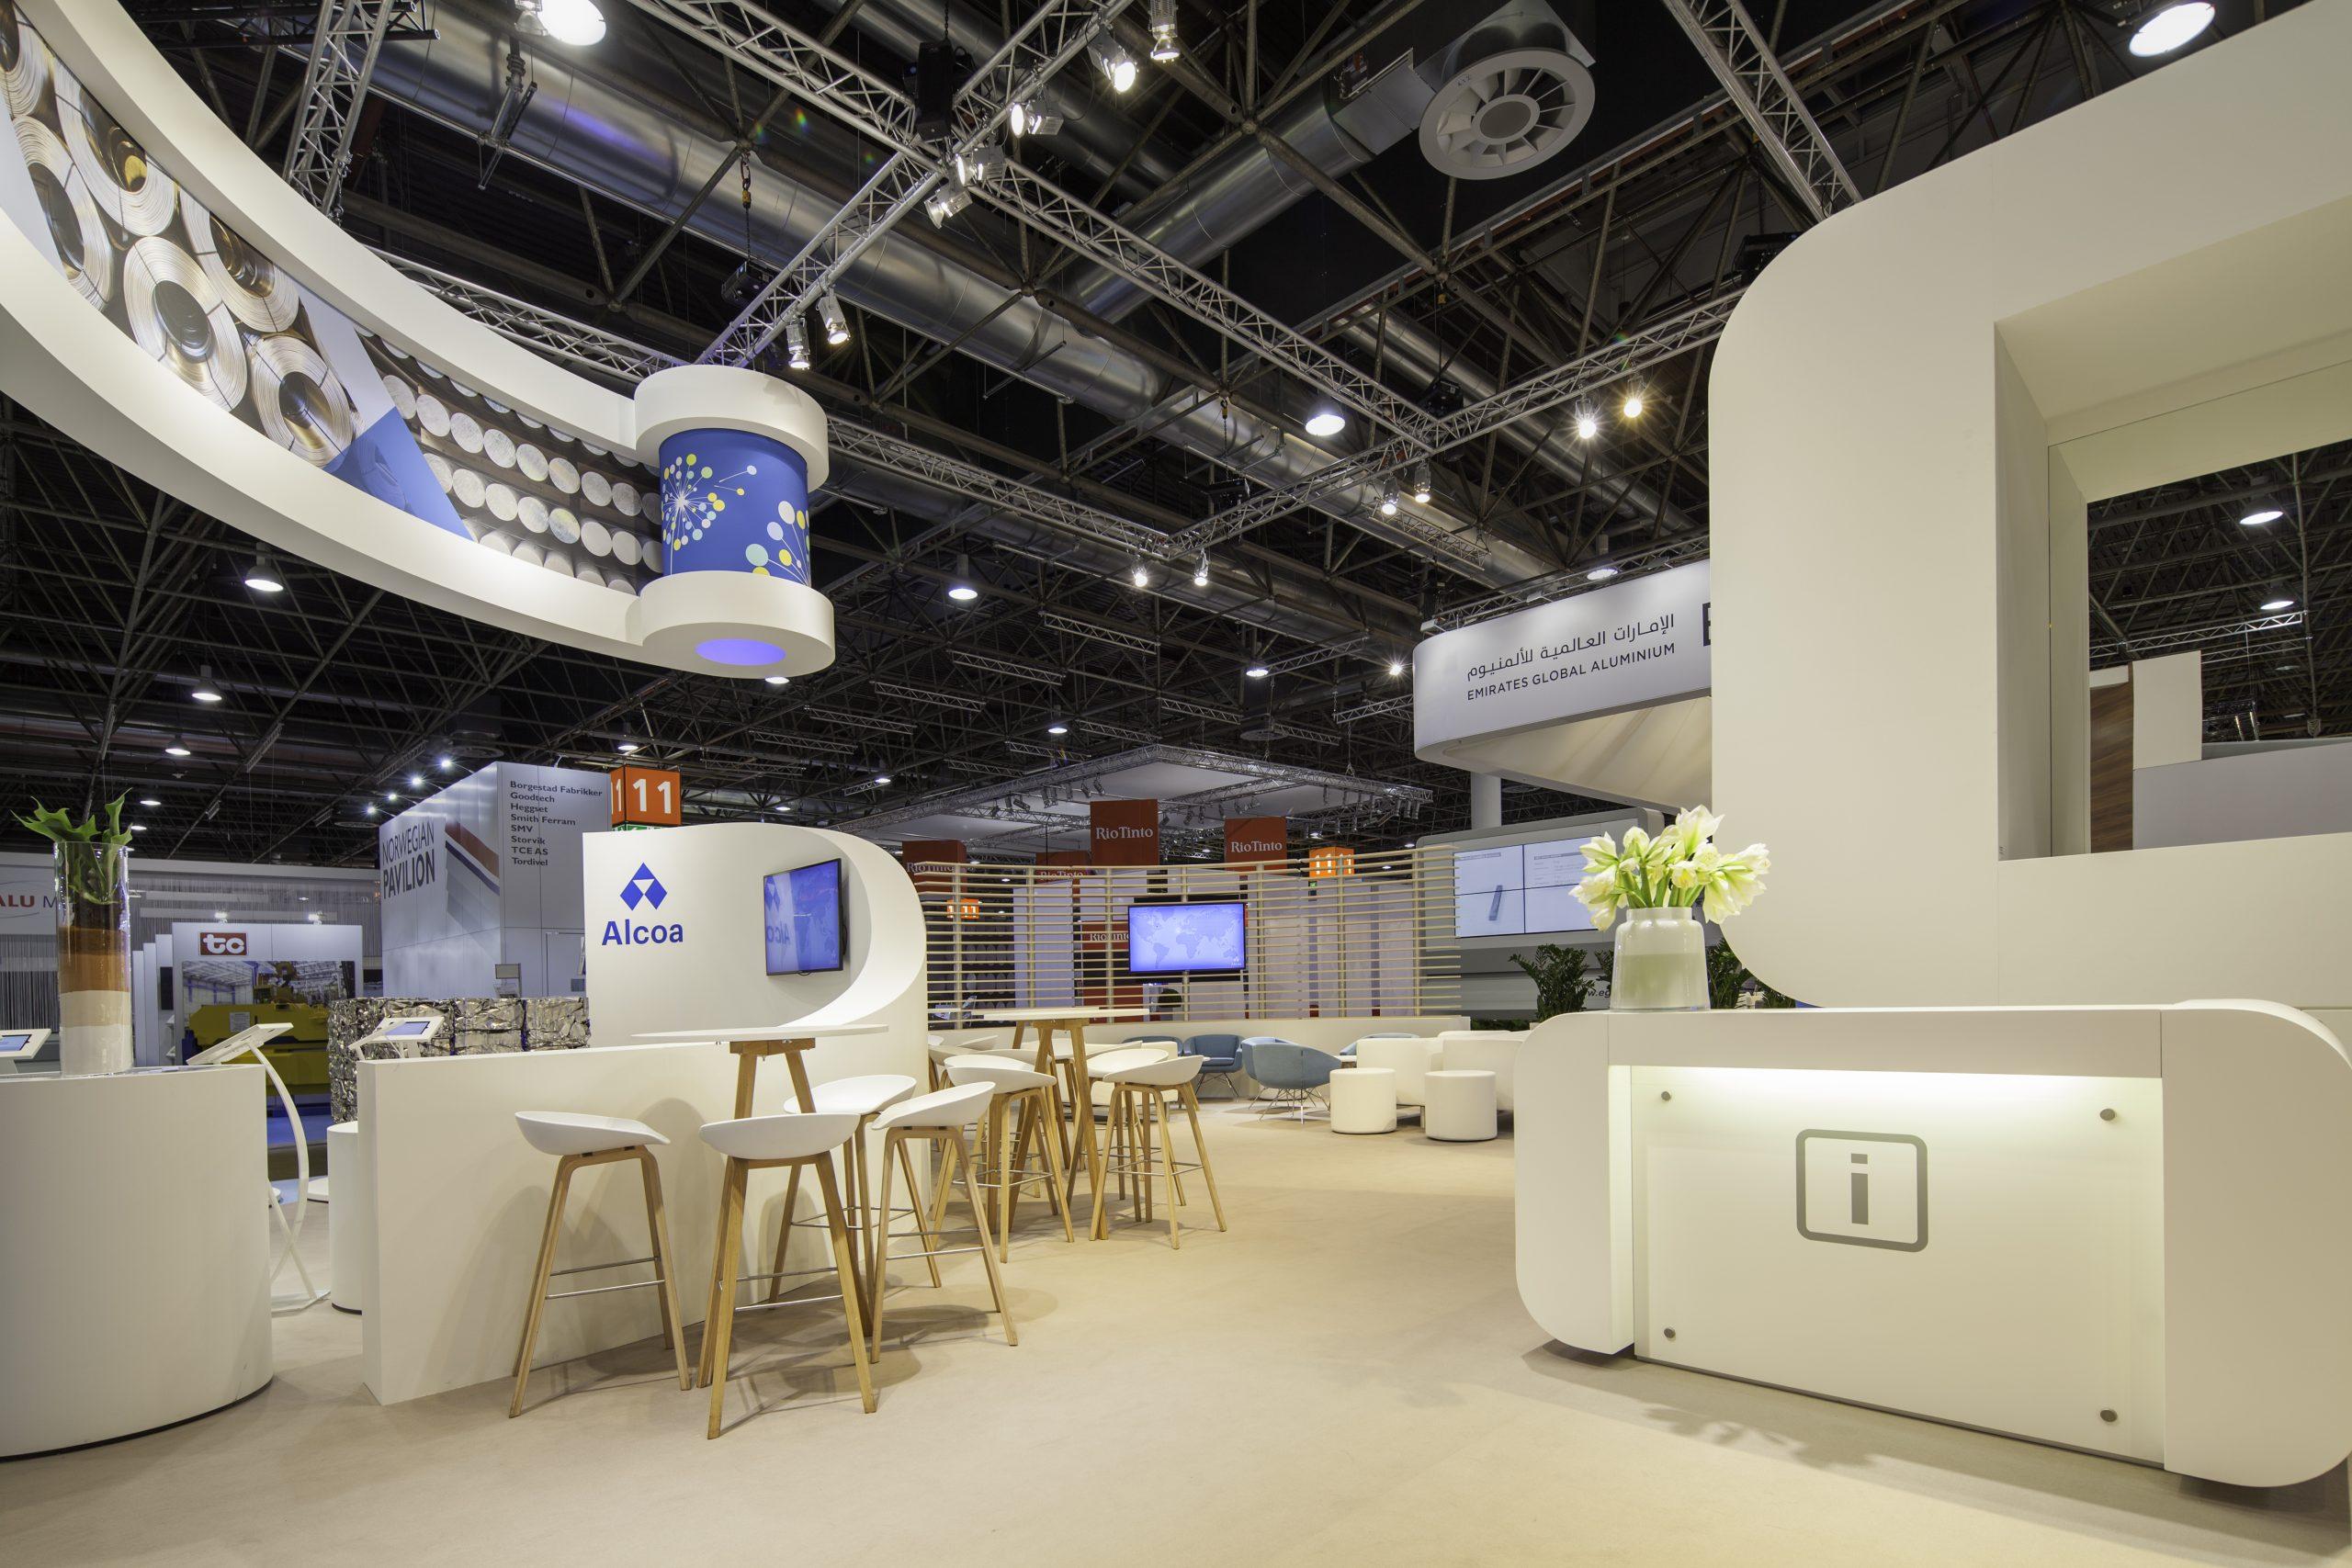 CAS Exhibition Partners - Alcoa - Aluminium 2016 - Dusseldorf - Standbouwfotografie #4728